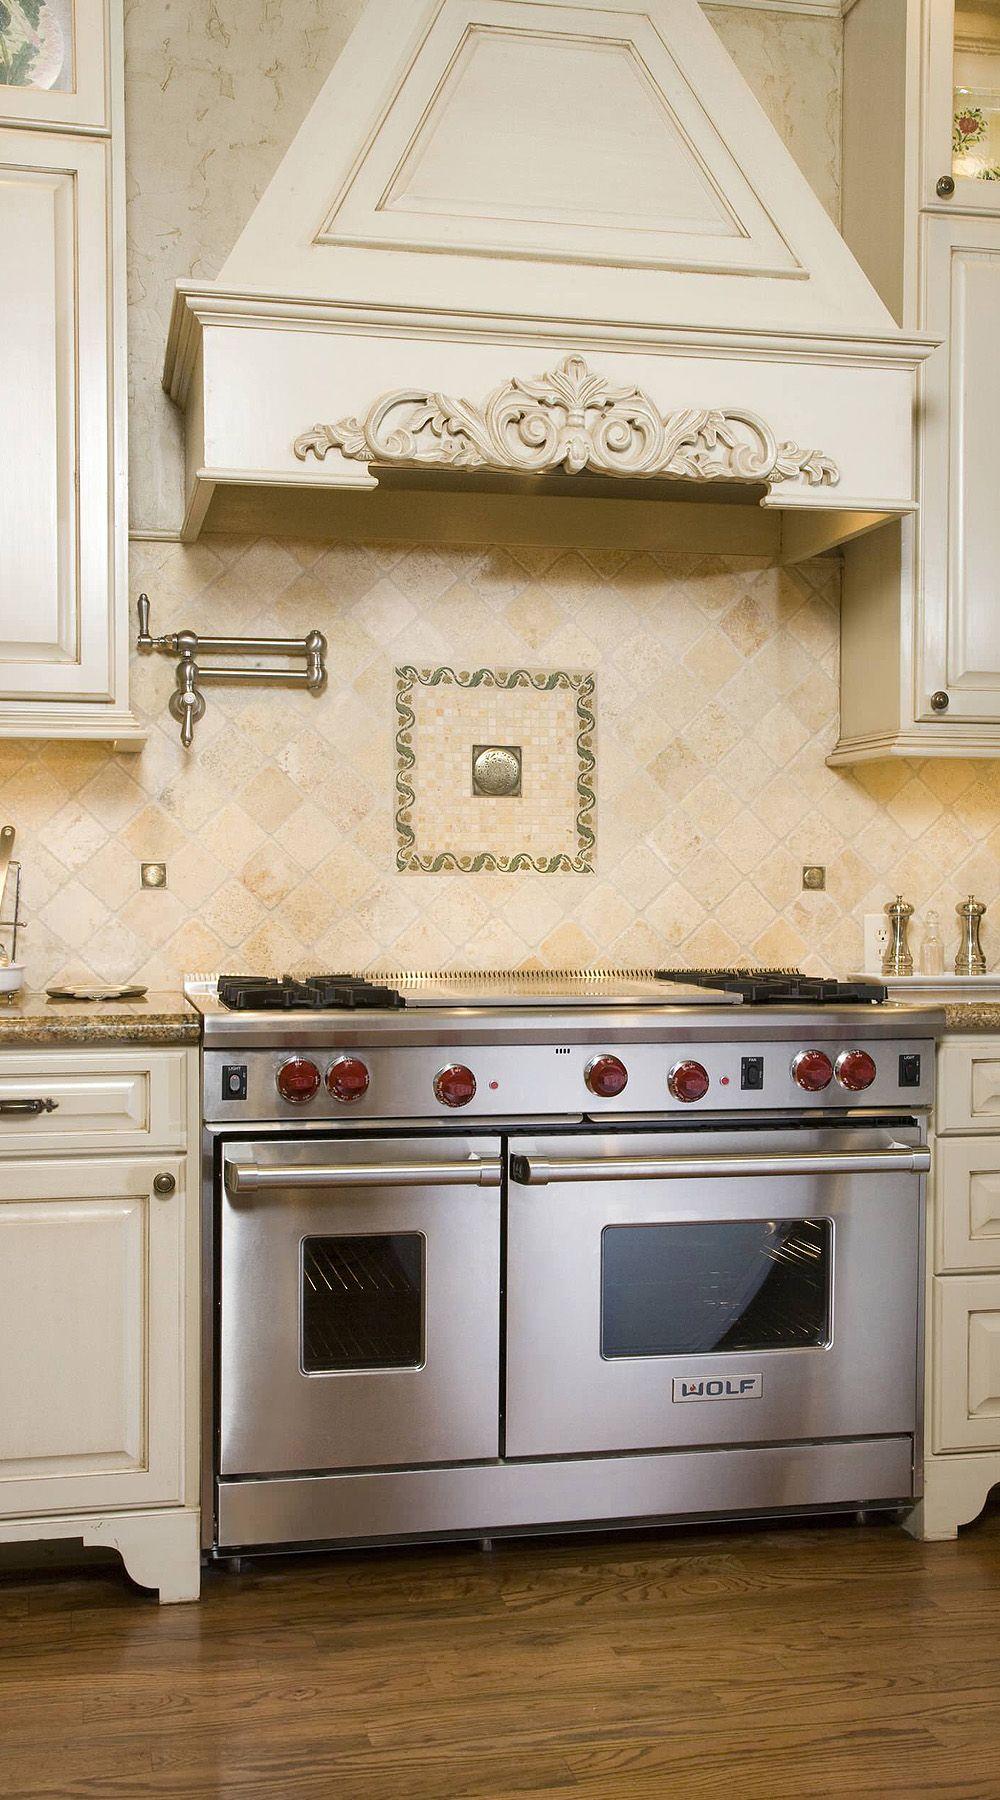 29 Ivory Travertine Backsplash Tile Ideas Natural Design Style Kitchen Backsplash Trends Travertine Backsplash Beige Backsplash